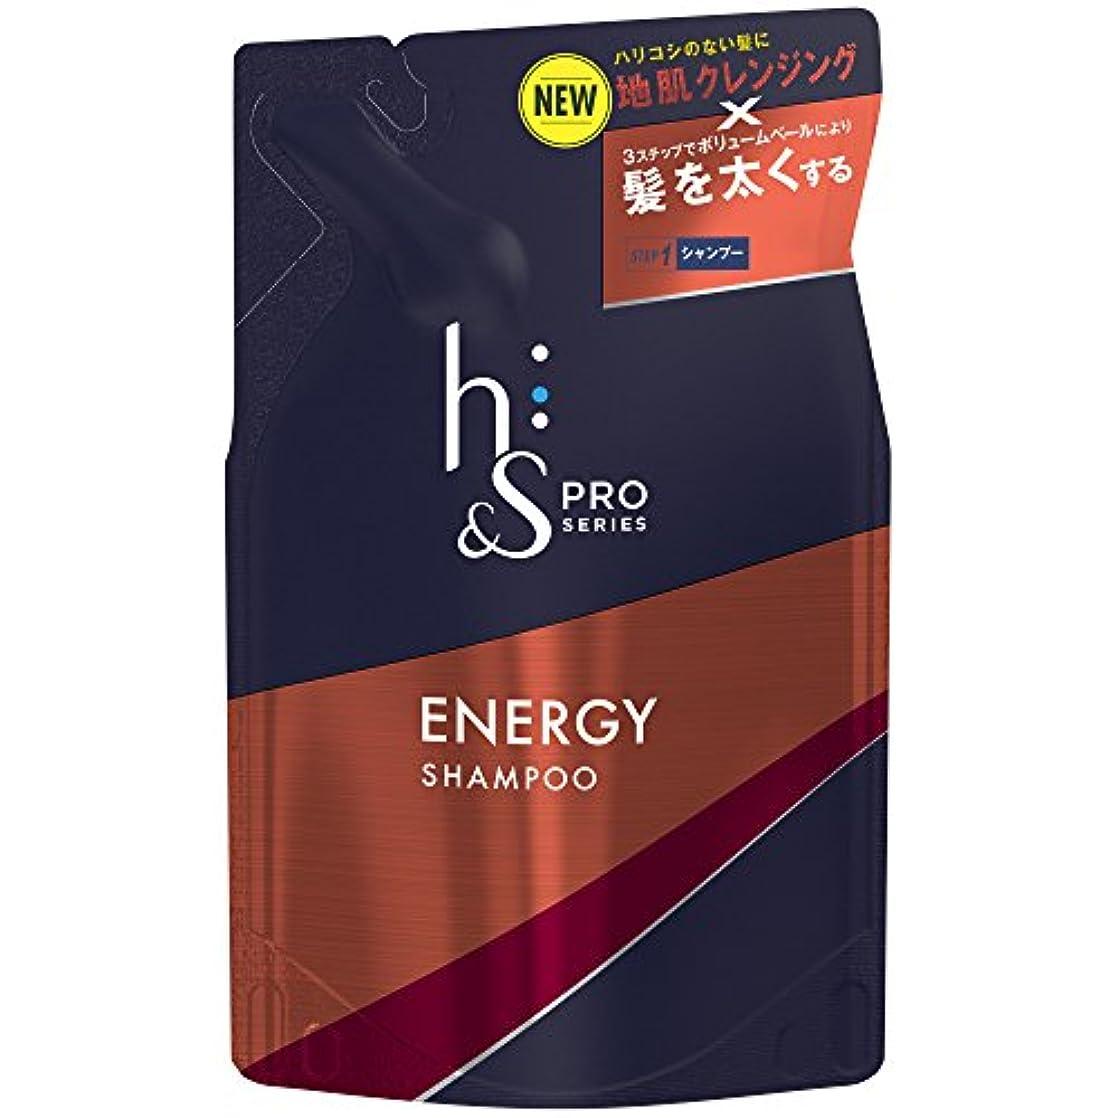 h&s シャンプー PRO Series エナジー 詰め替え 300mL